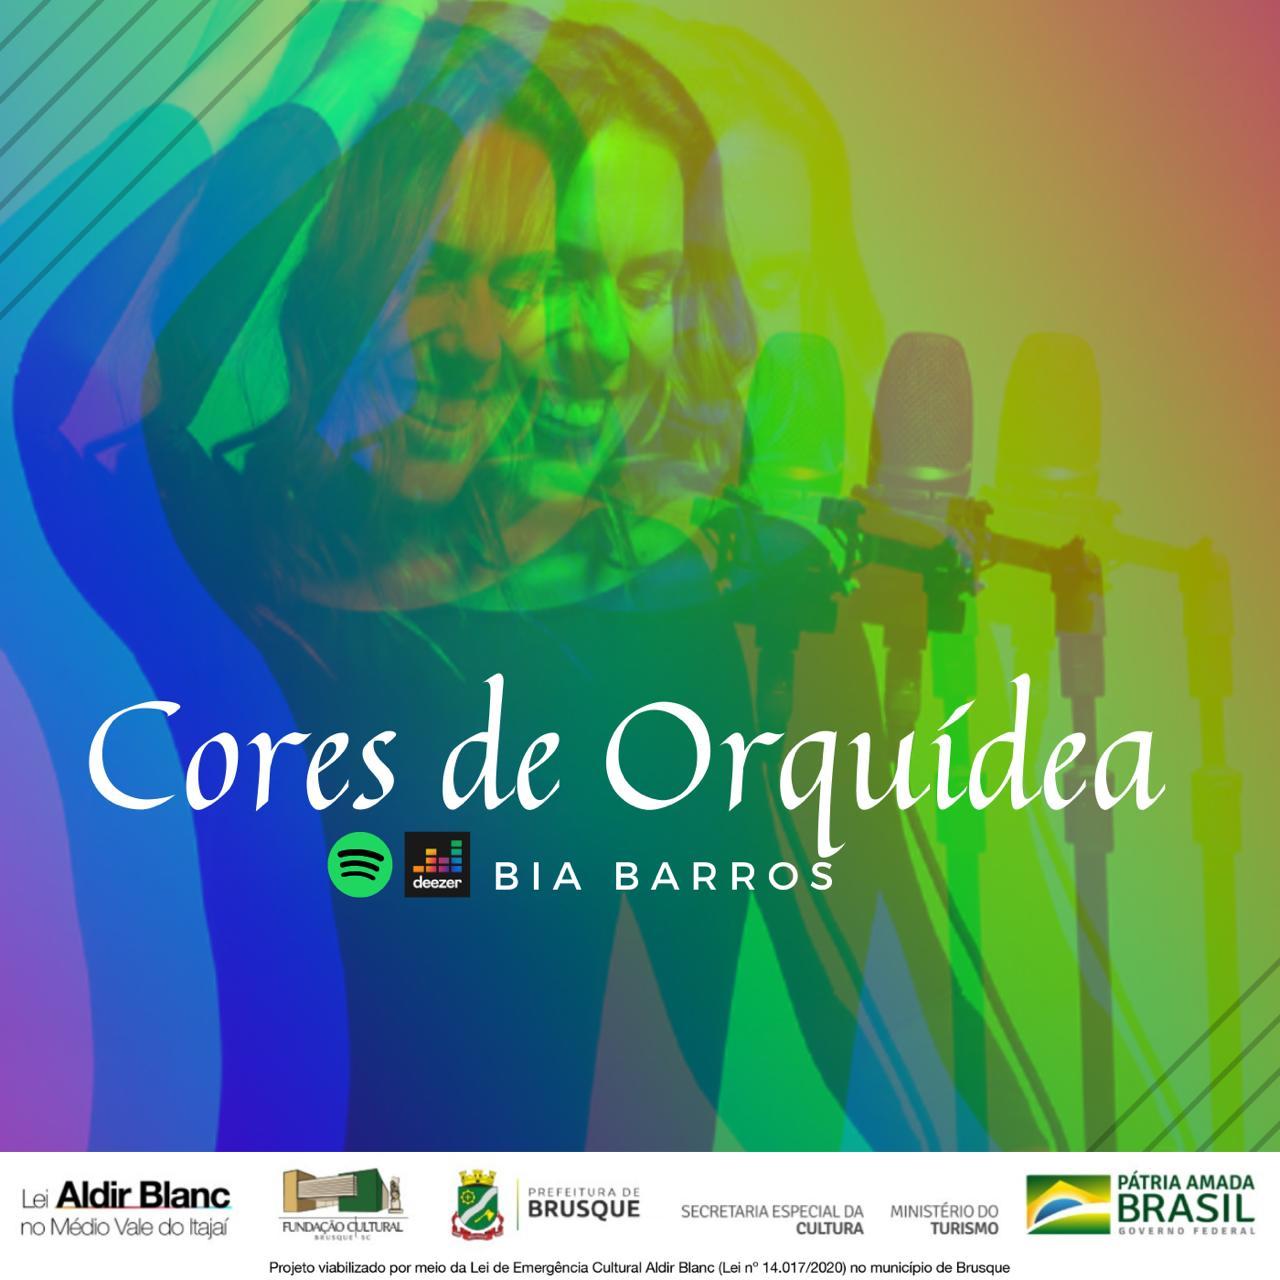 Lei Aldir Blanc: Bia Barros lança músicas autorais